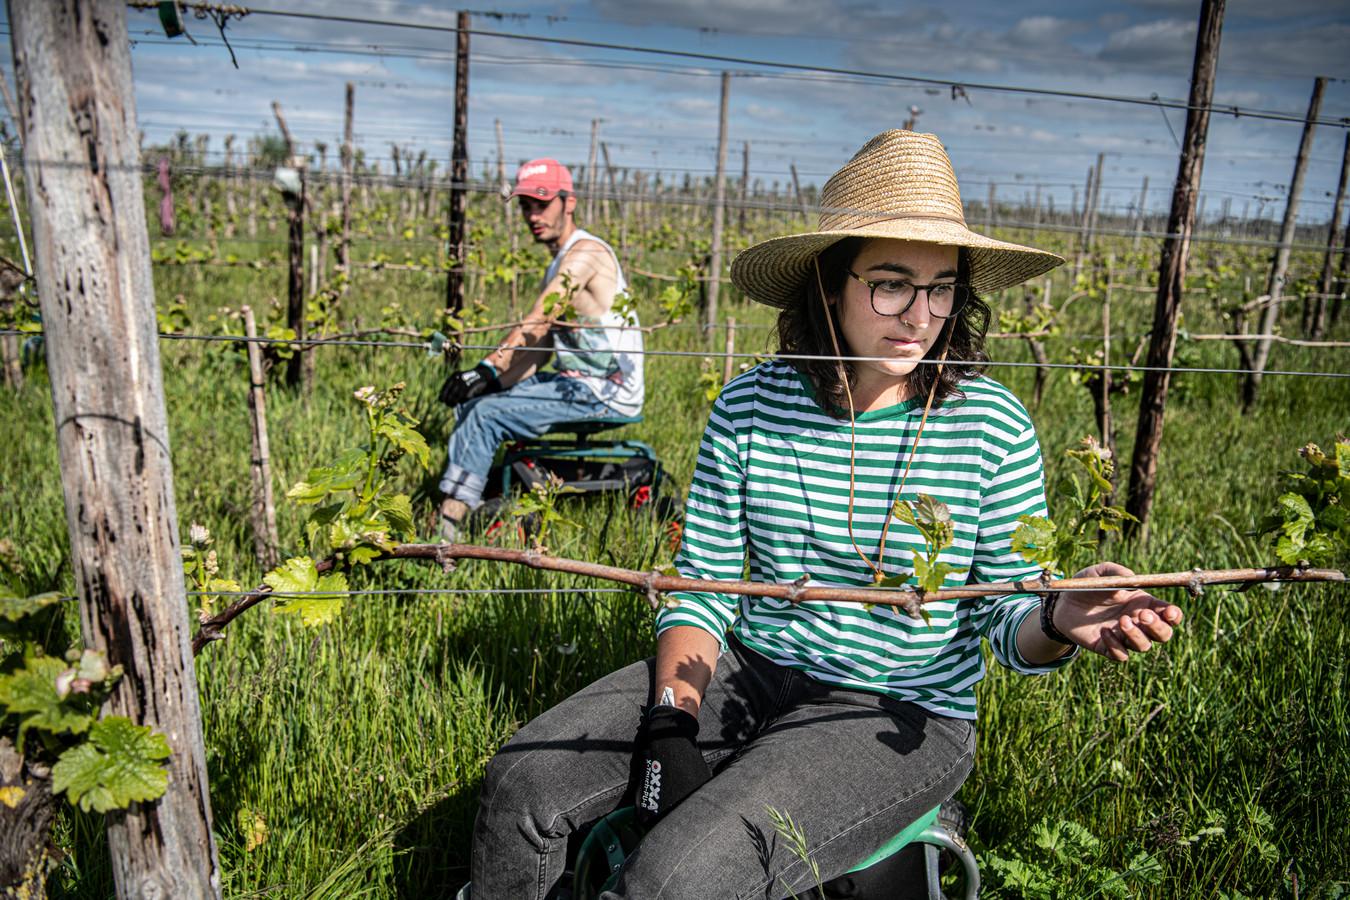 Jongeren en studenten die in de zomer normaal gesproken in de horeca of evenementenbranche zouden werken, melden zich nu als versterking bij landbouwers.